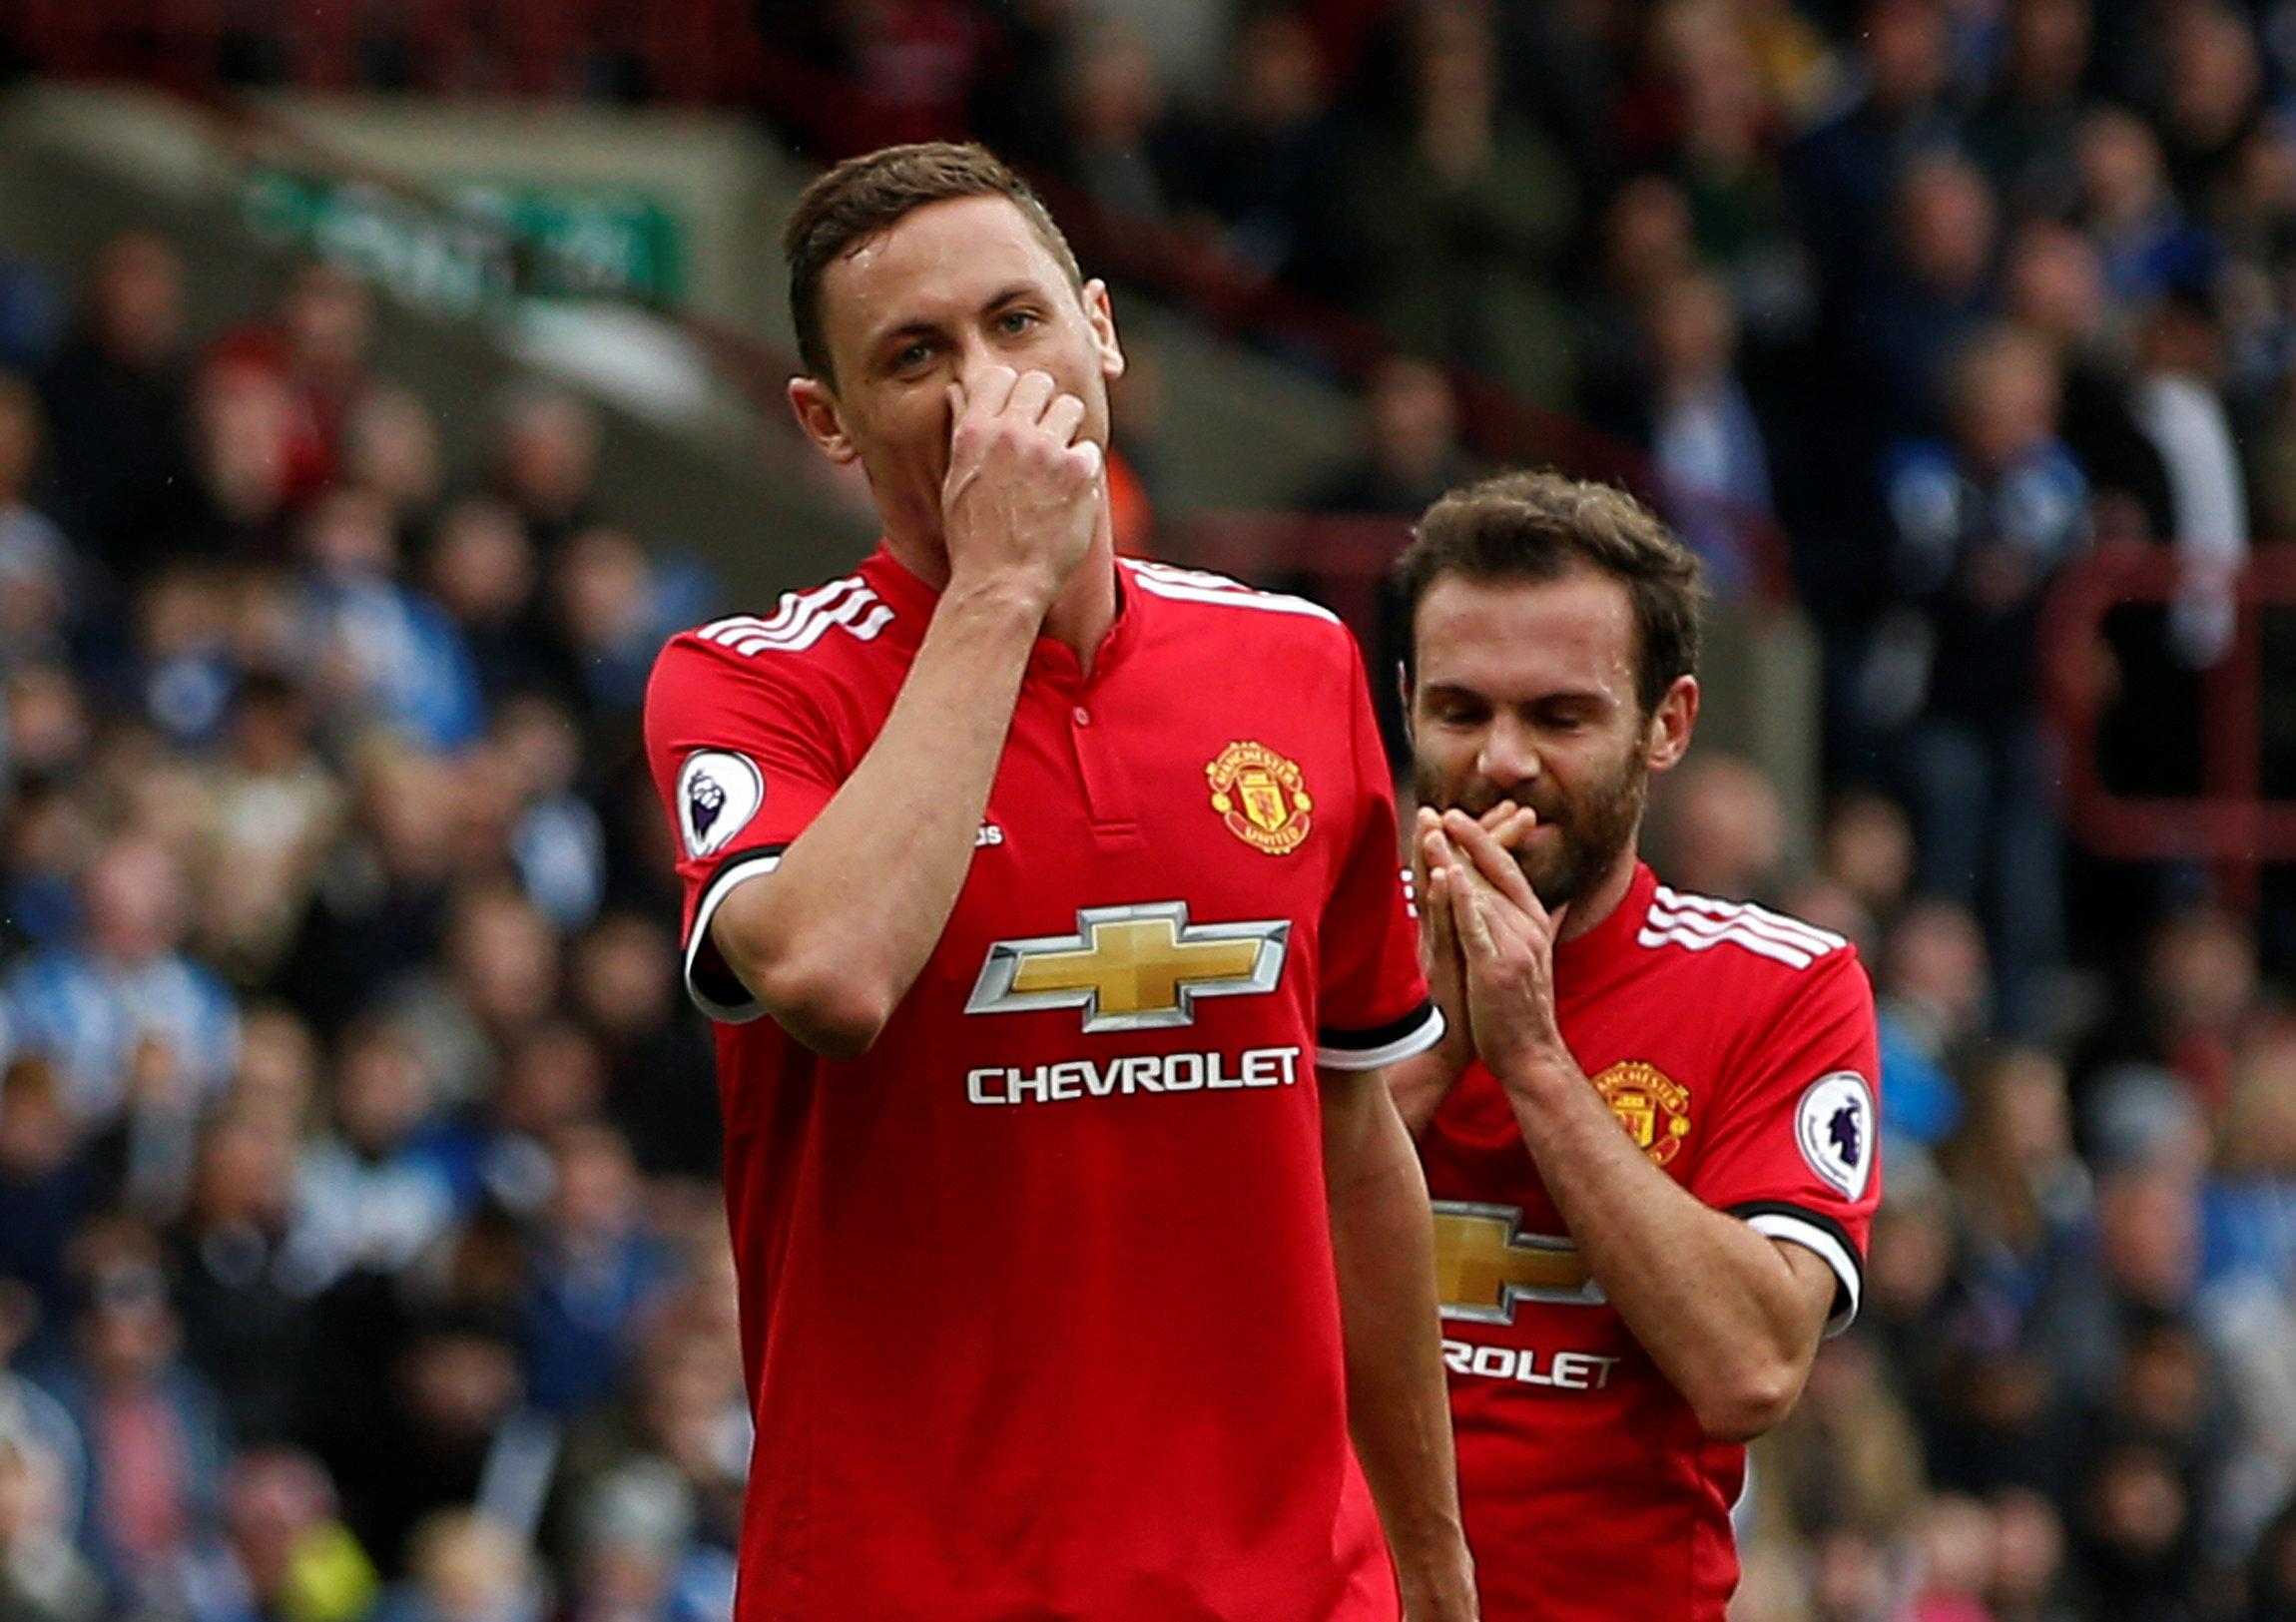 Nỗi thất vọng của các cầu thủ M.U sau khi để Huddersfield ghi liền 2 bàn. Ảnh: REUTERS